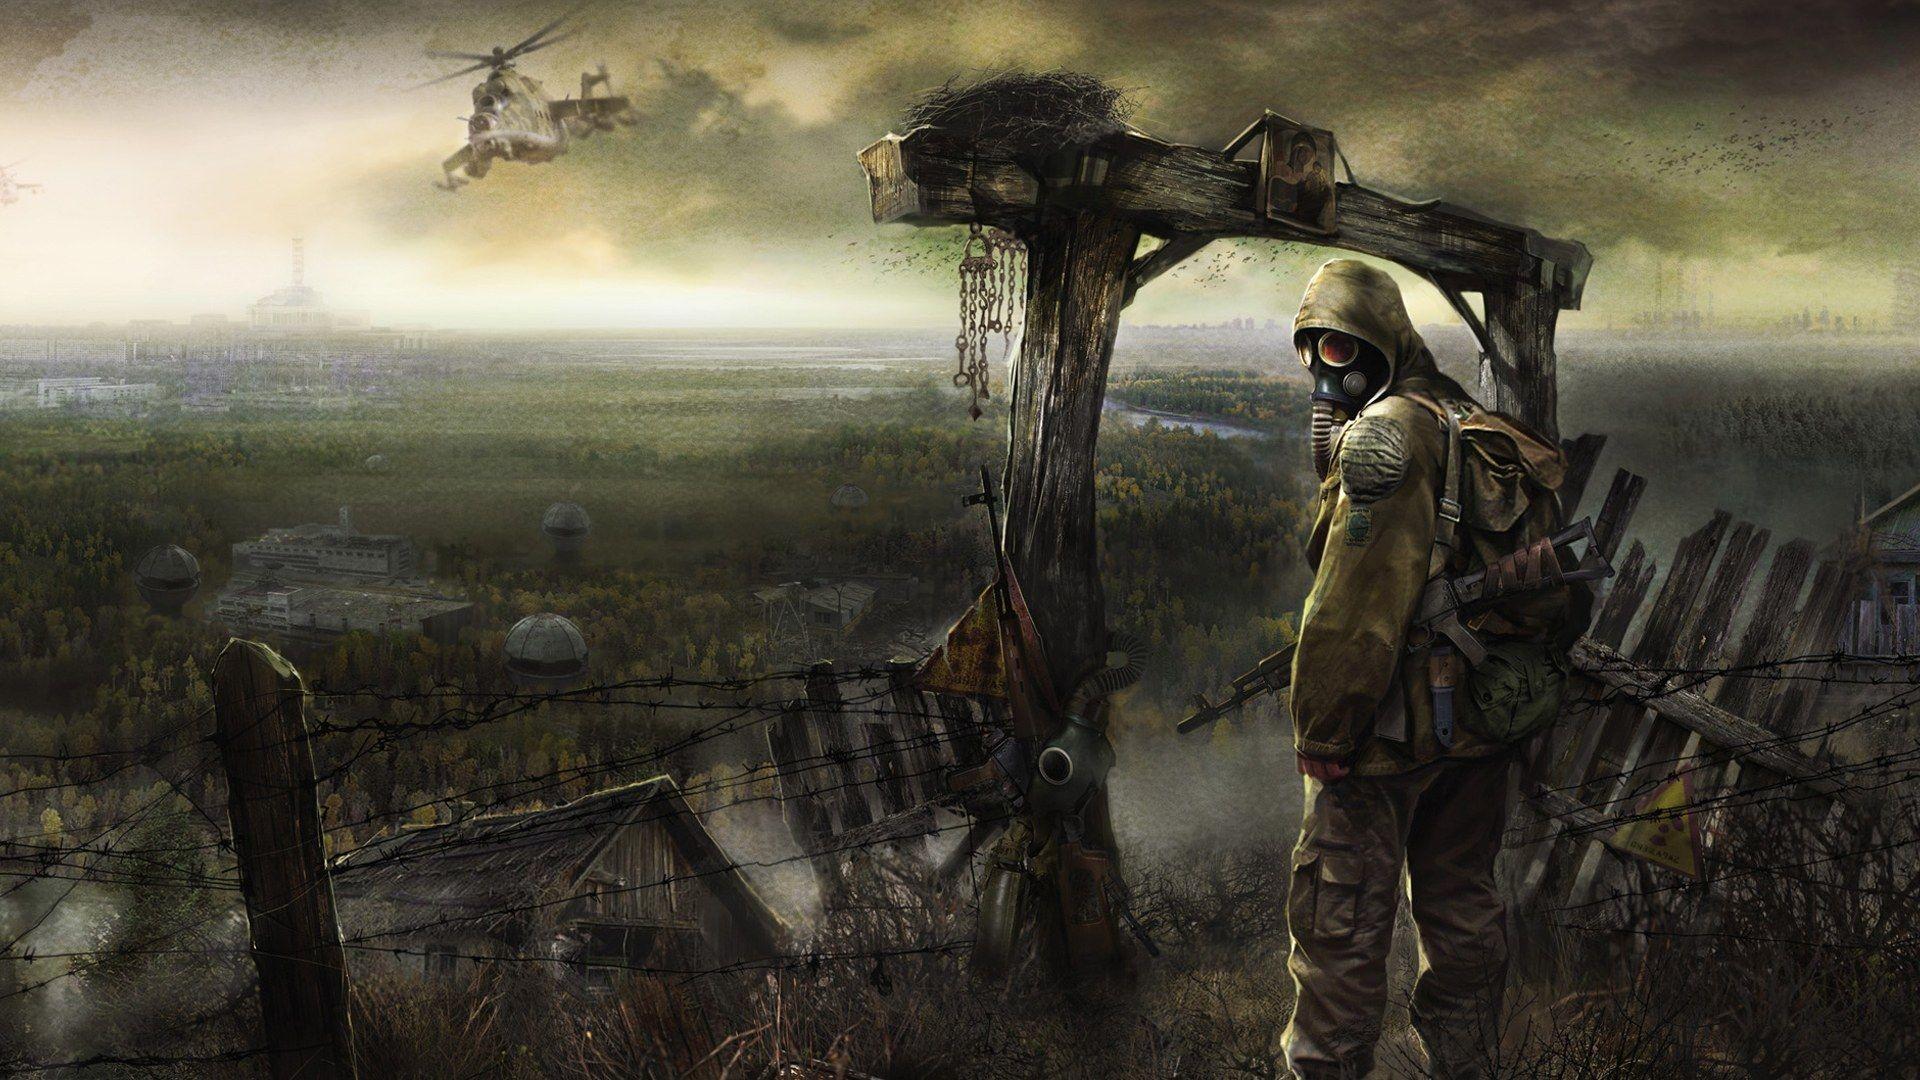 Один из сценаристов S.T.A.L.K.E.R. Сергей Иванов ушел из жизни 1